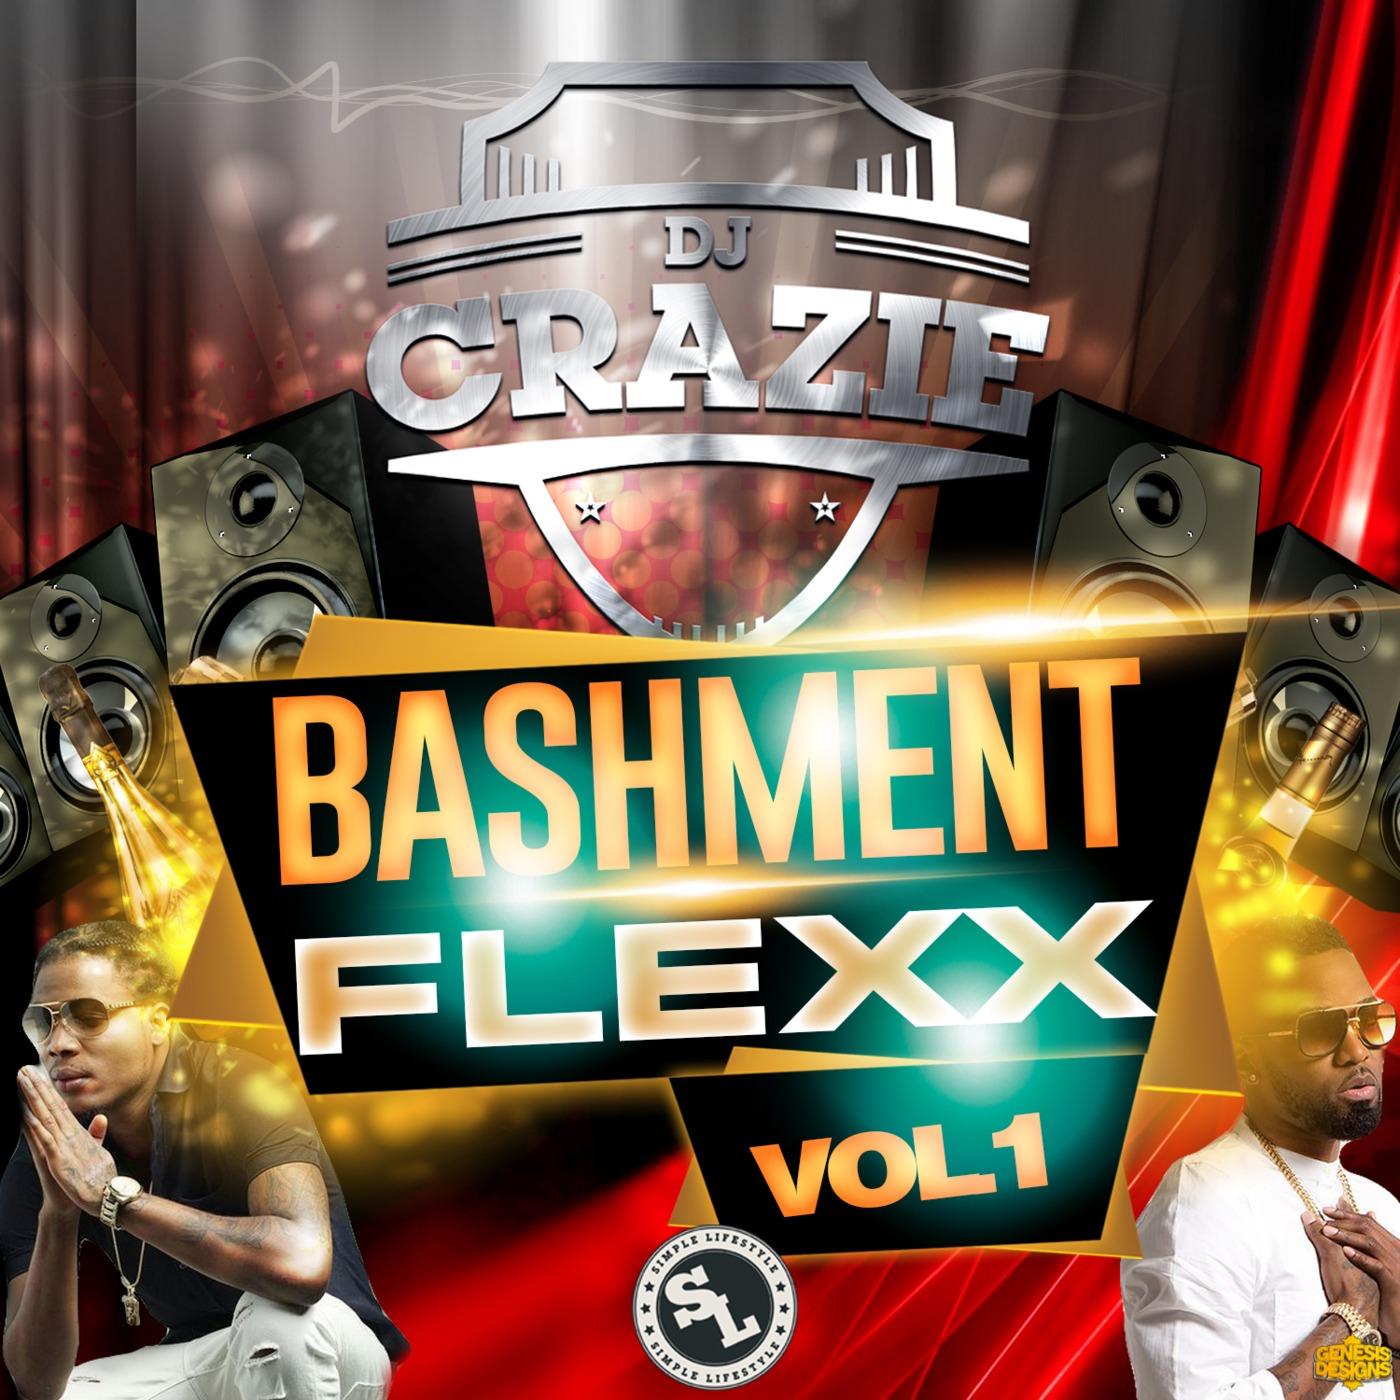 Bashment Flexx Vol 1 DJ Crazie's podcast